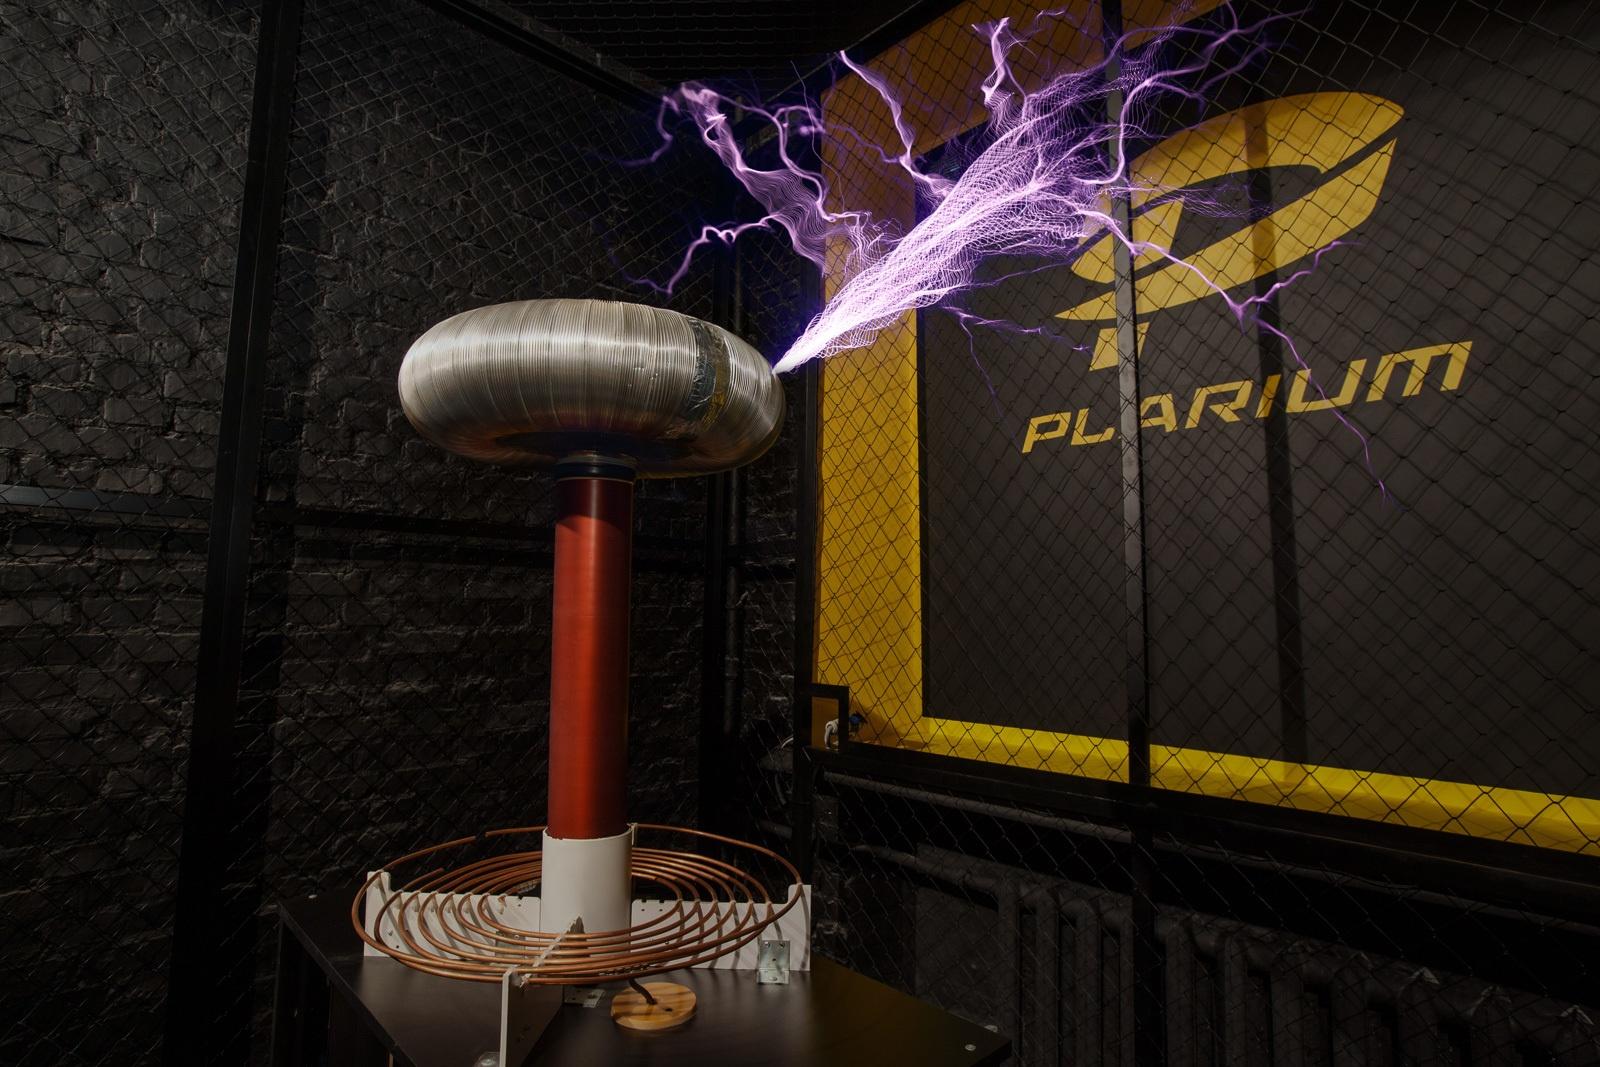 Как Тесла встретился с Ландау, или Гайд по строительству комнаты высоких энергий - 25